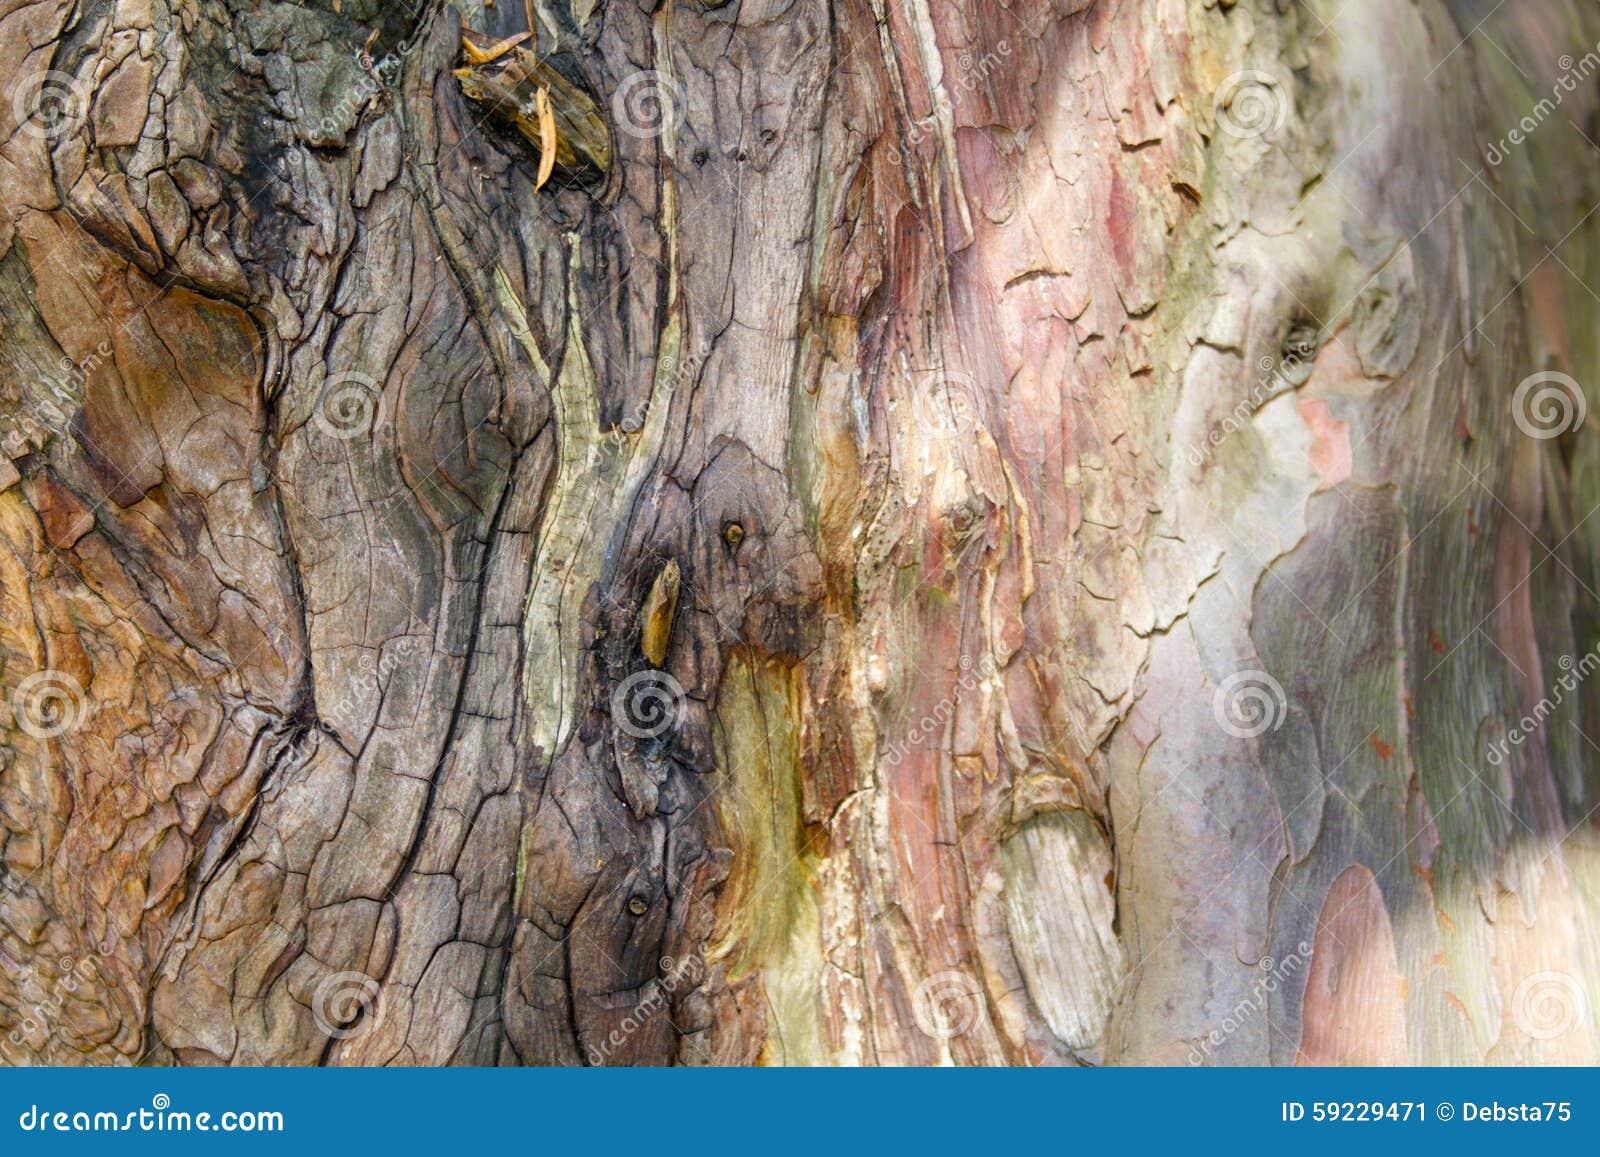 Download Tronco de árbol de pino imagen de archivo. Imagen de rico - 59229471